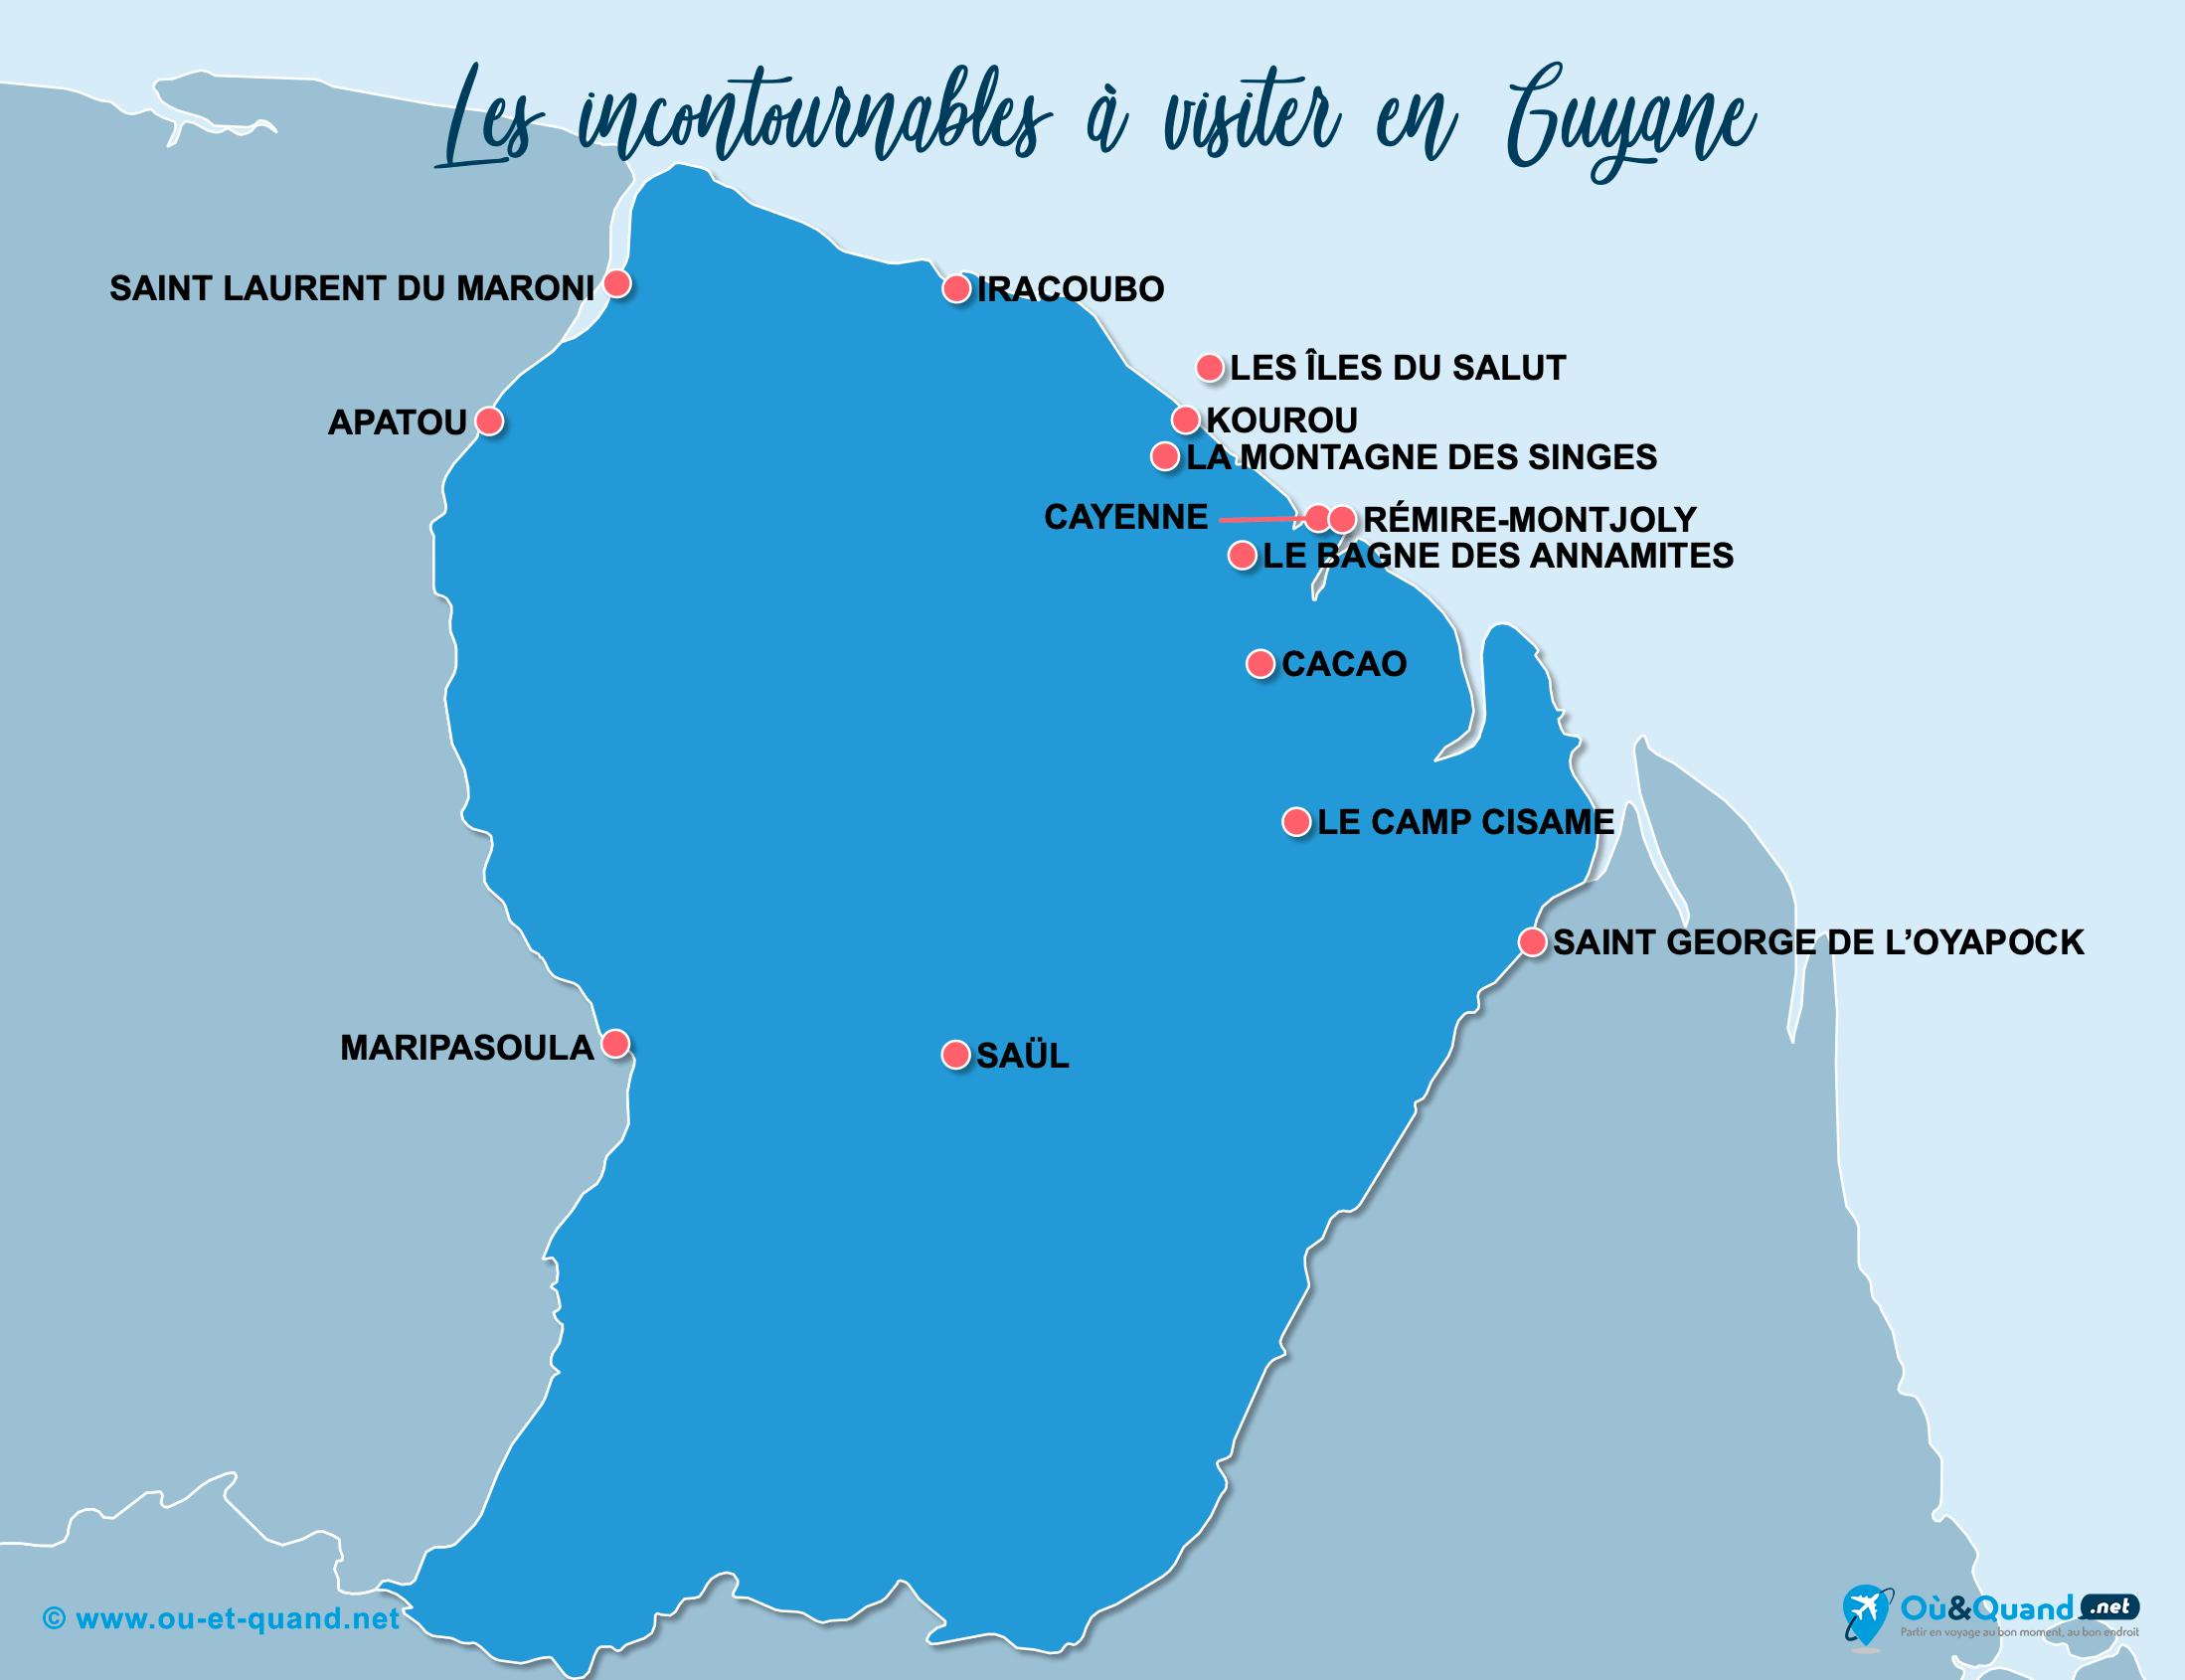 Carte Guyane Française : Les lieux incontournables en Guyane